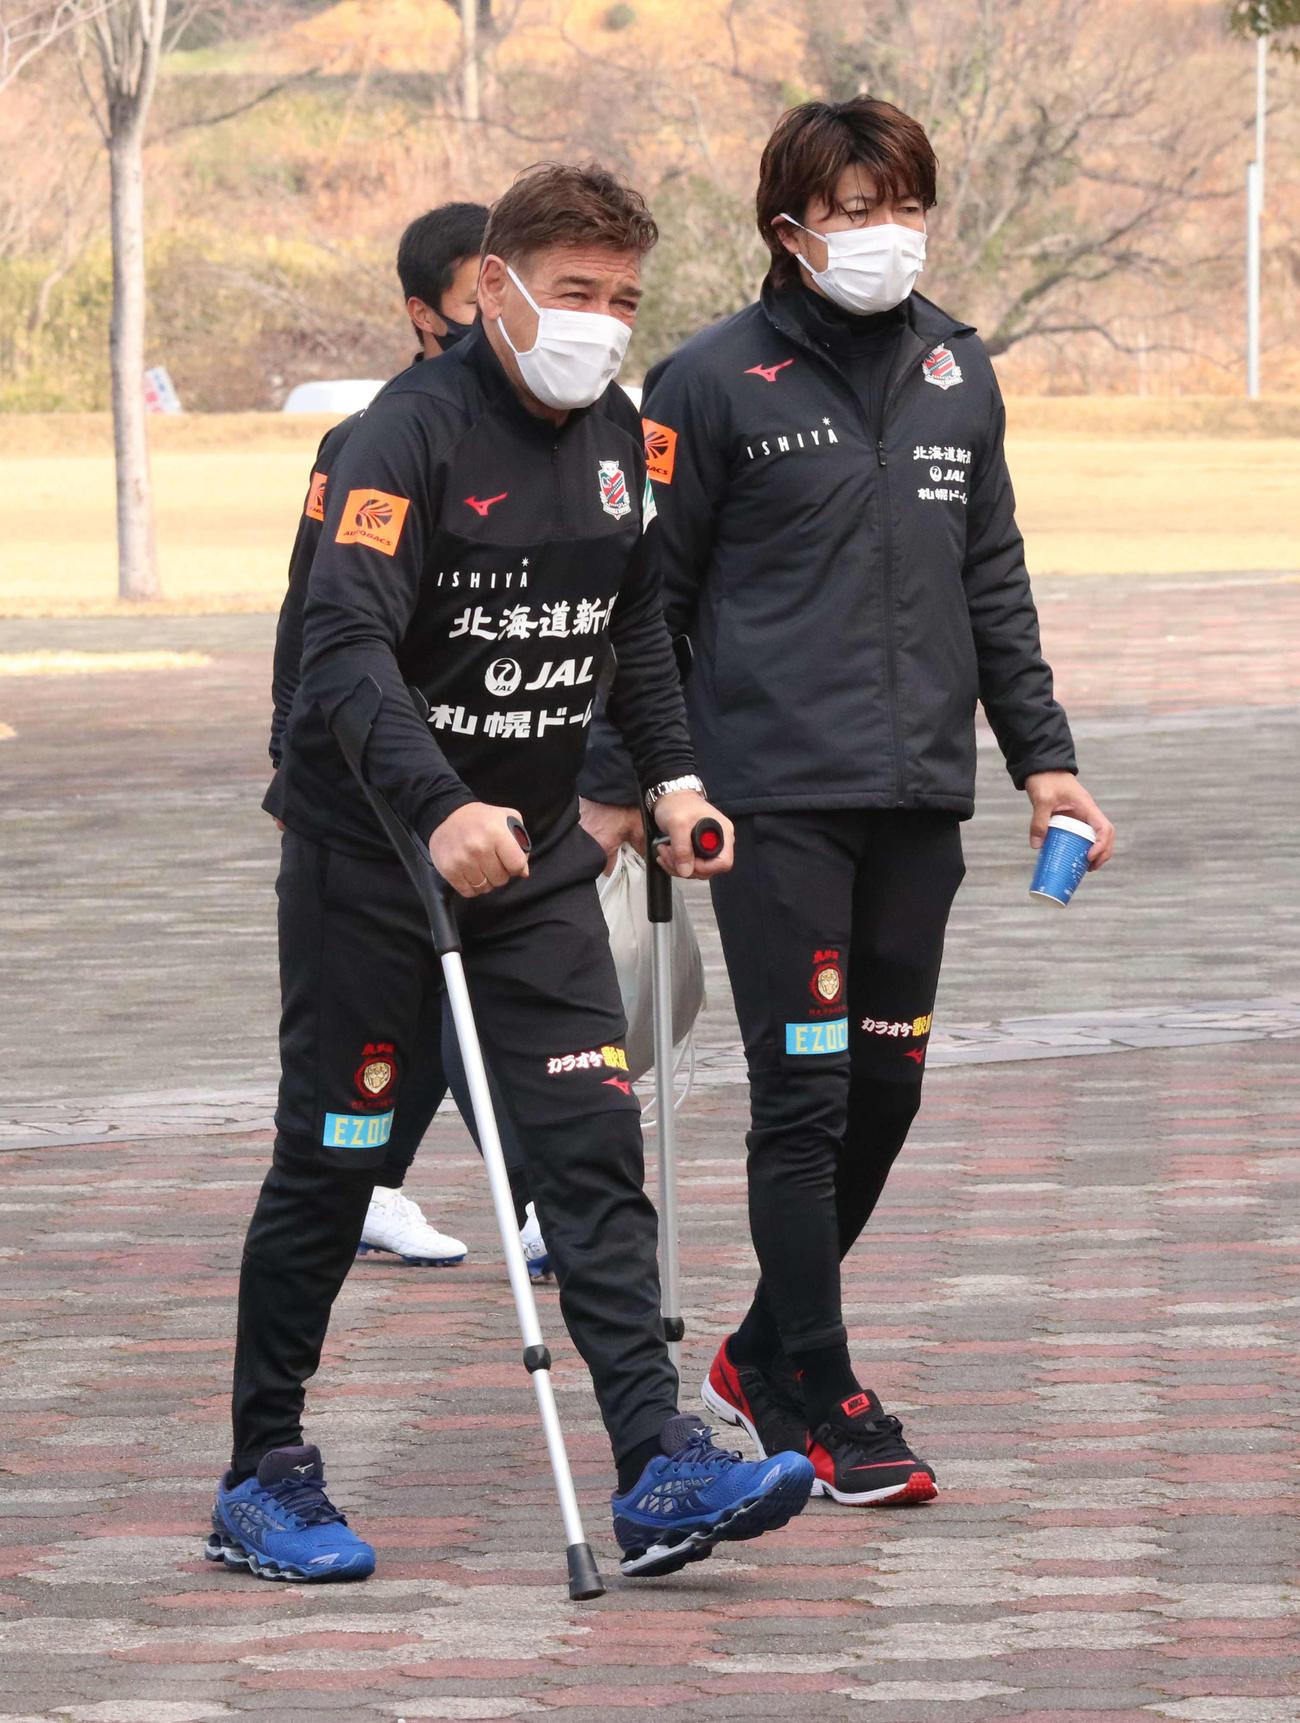 松葉づえ姿ながら元気な足取りでチーム活動に合流した札幌ペトロビッチ監督(左)(撮影・浅水友輝)